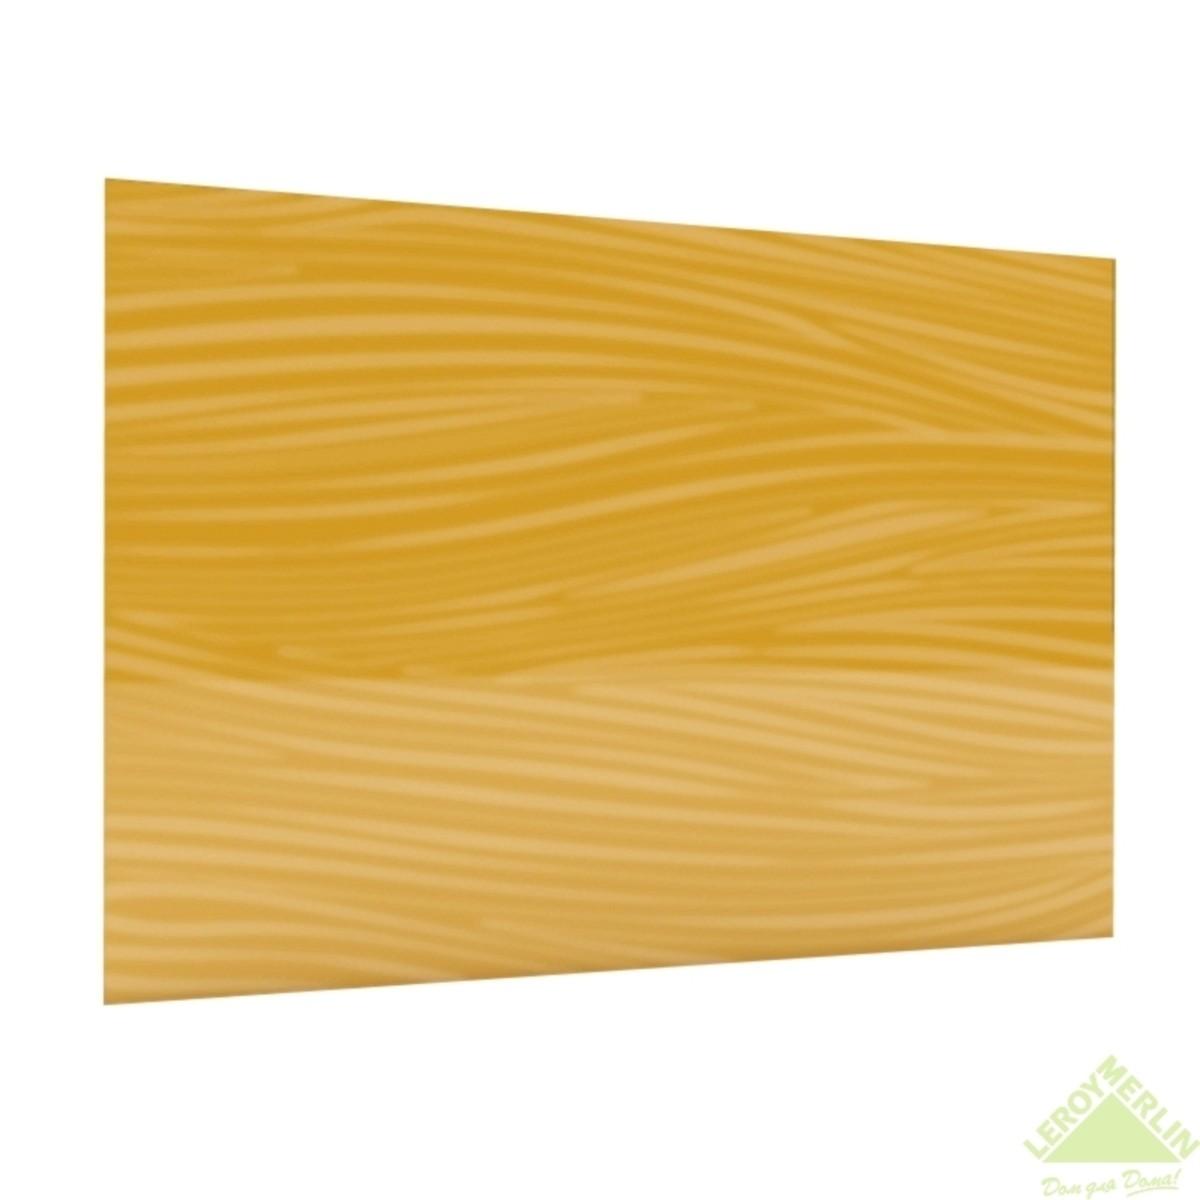 Плитка настенная Лацио цвет оранжевый 25x35 см 14 м2